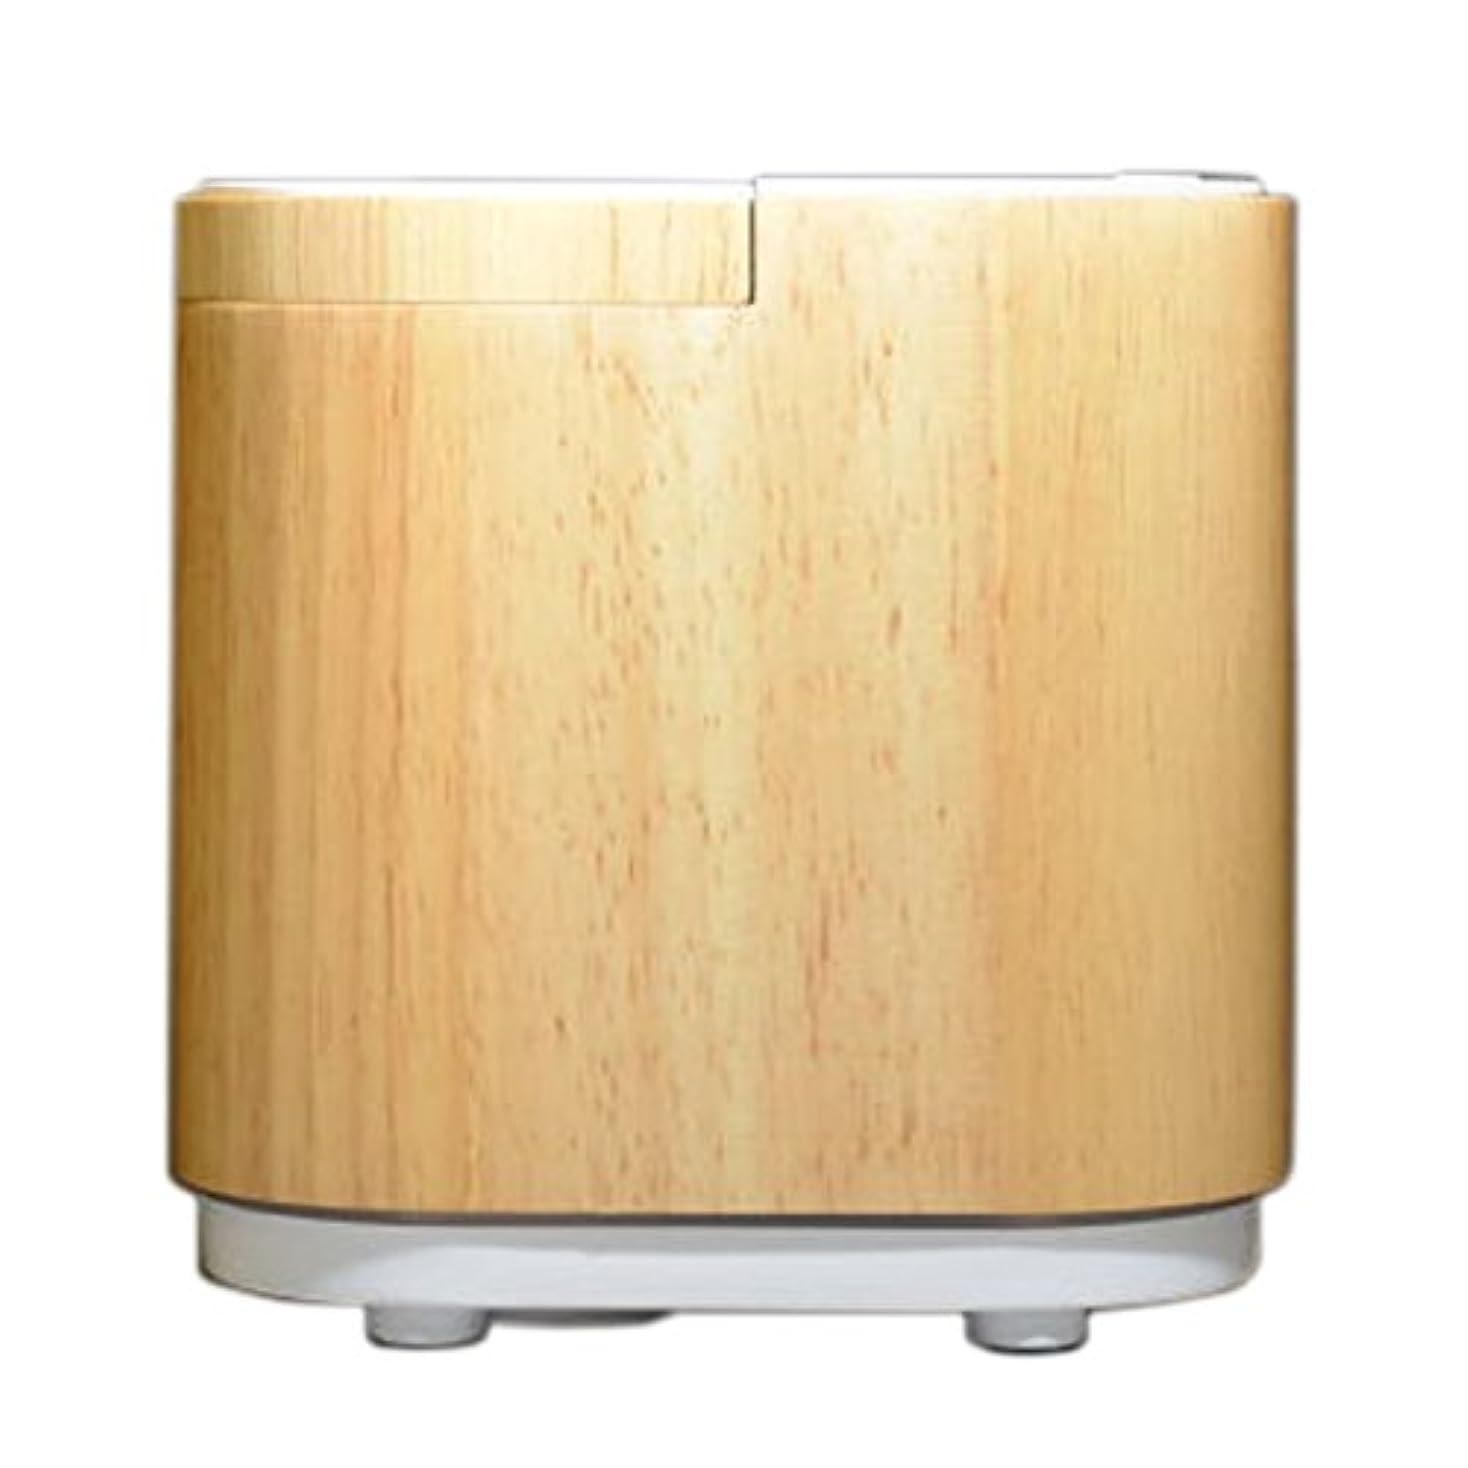 タイプライター花弁花瓶生活の木 アロモアウッド [aromore] エッセンシャルオイルディフューザー アロマディフューザー